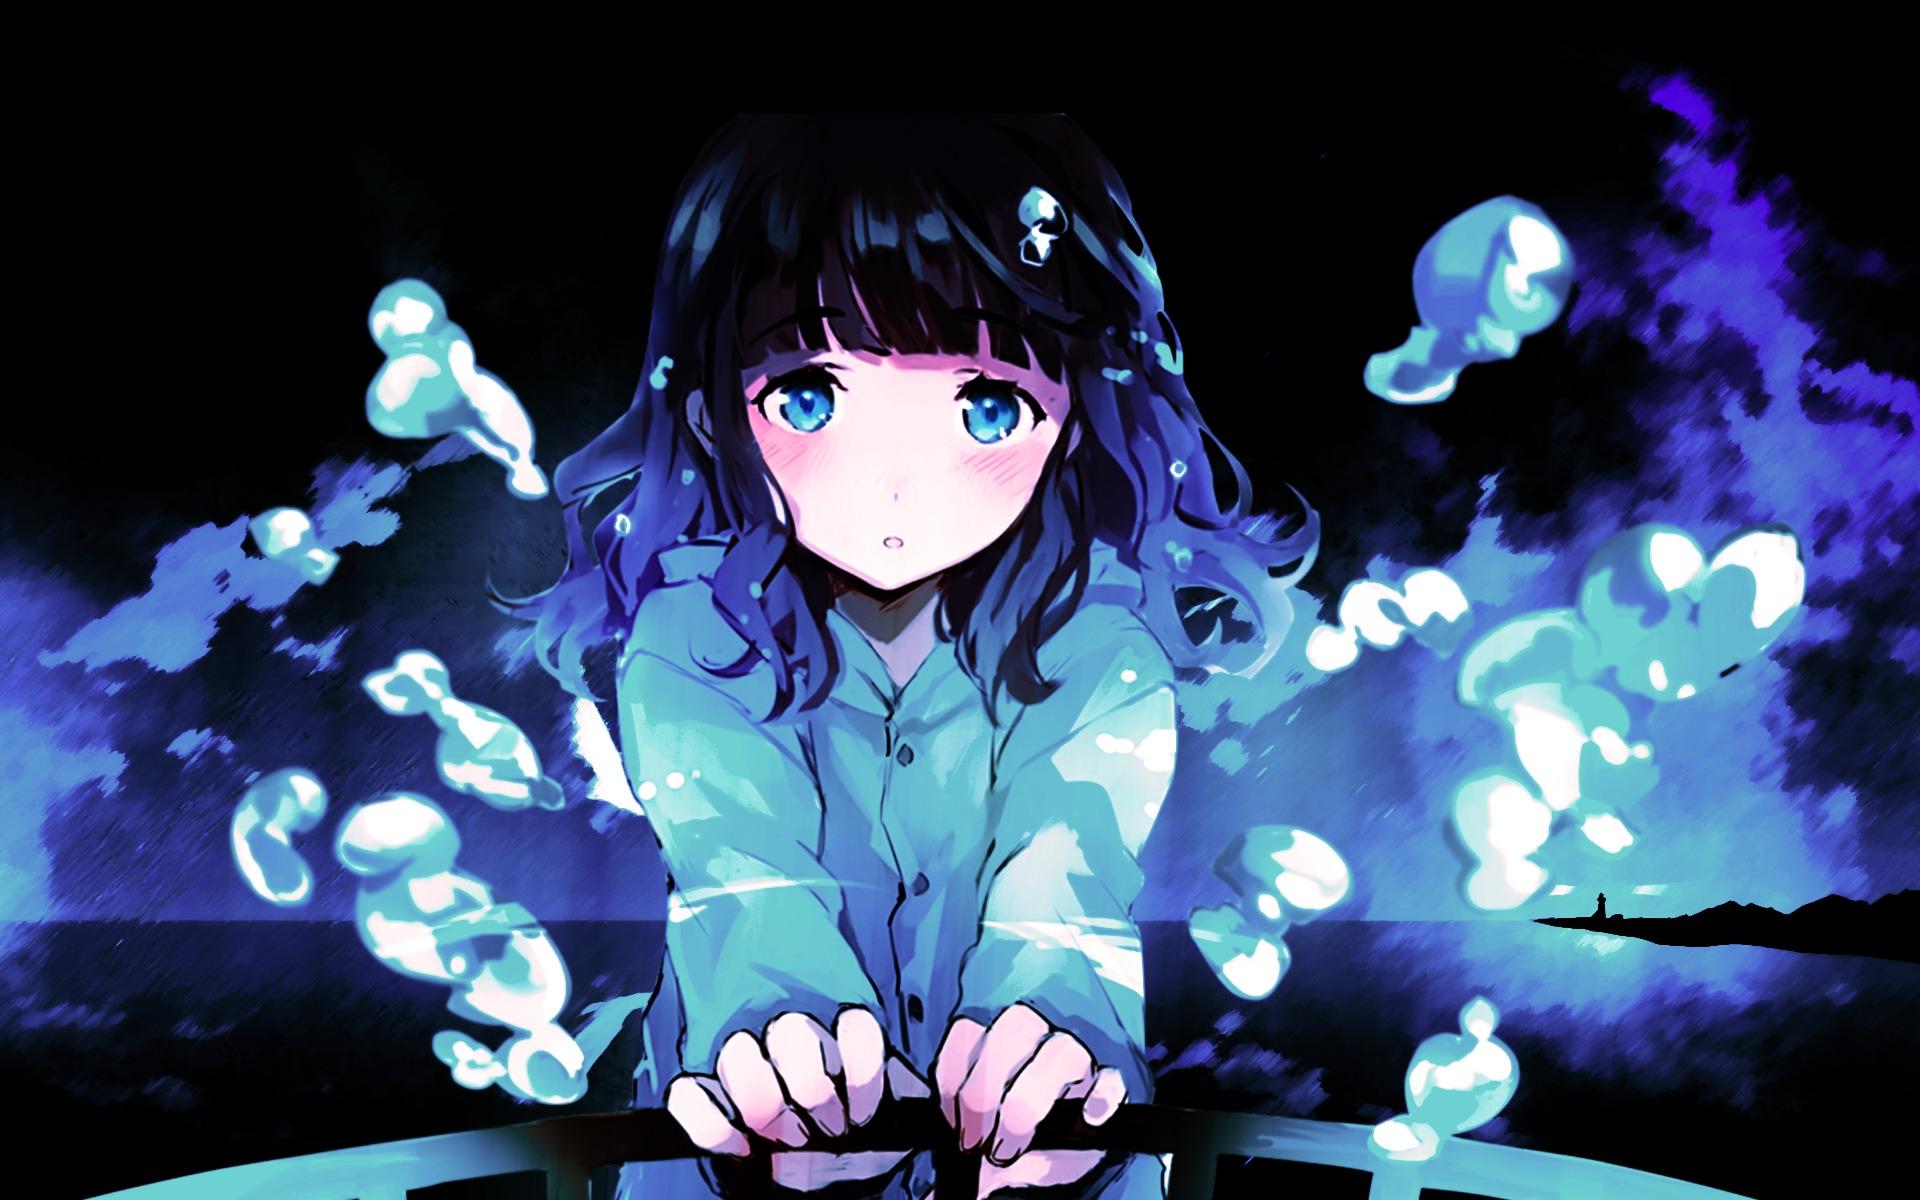 Anime Sad Girl, Full HD Wallpaper